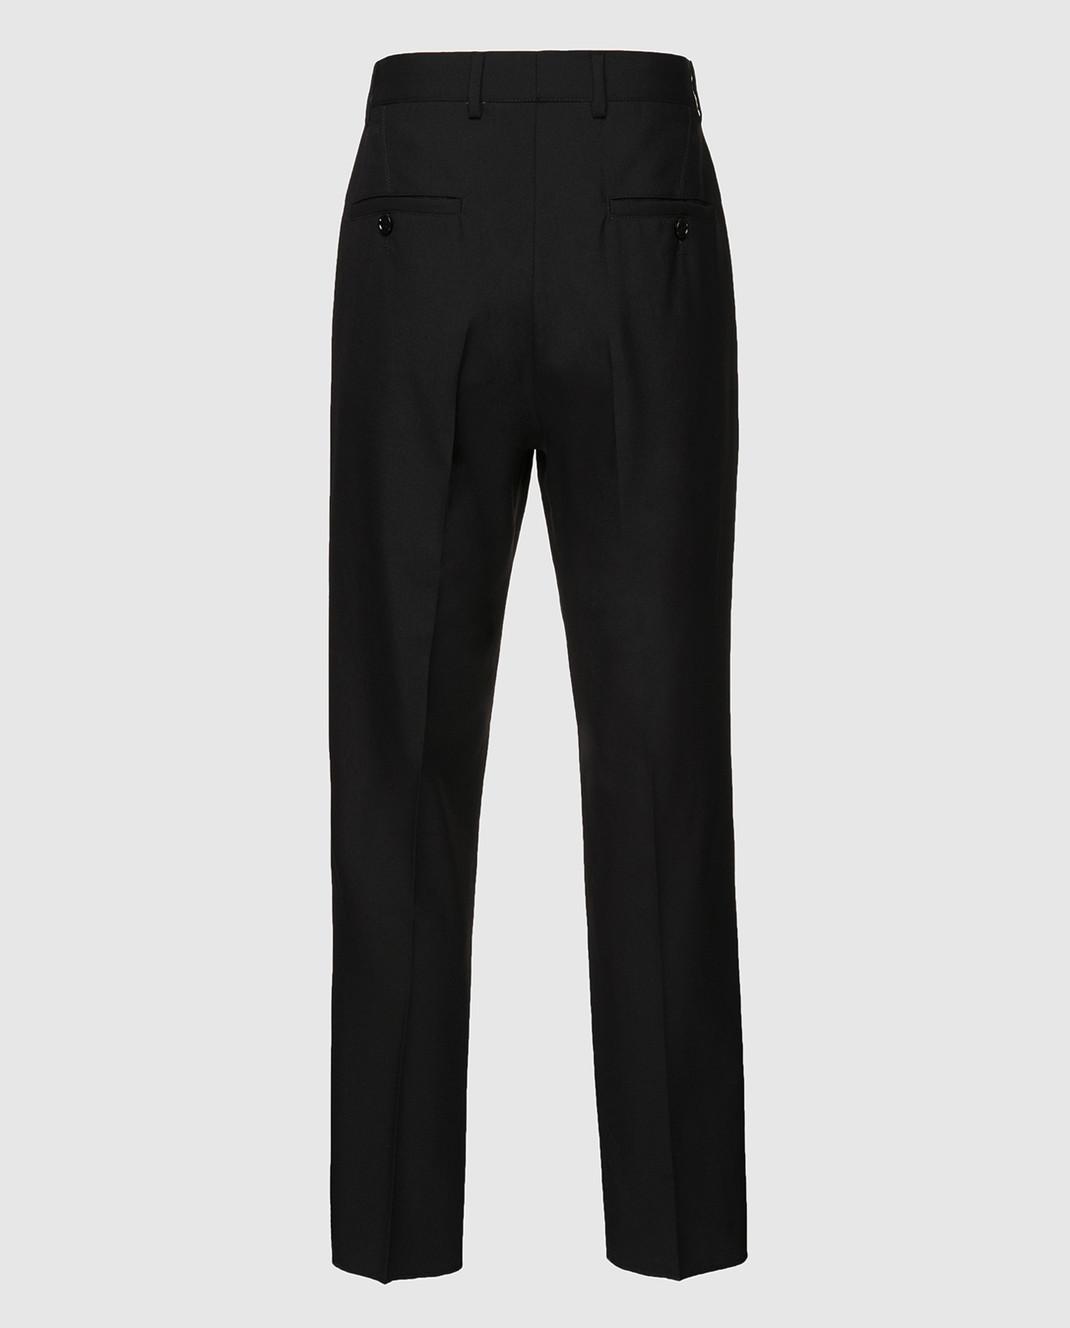 Gucci Черные брюки из шерсти 512968 изображение 2